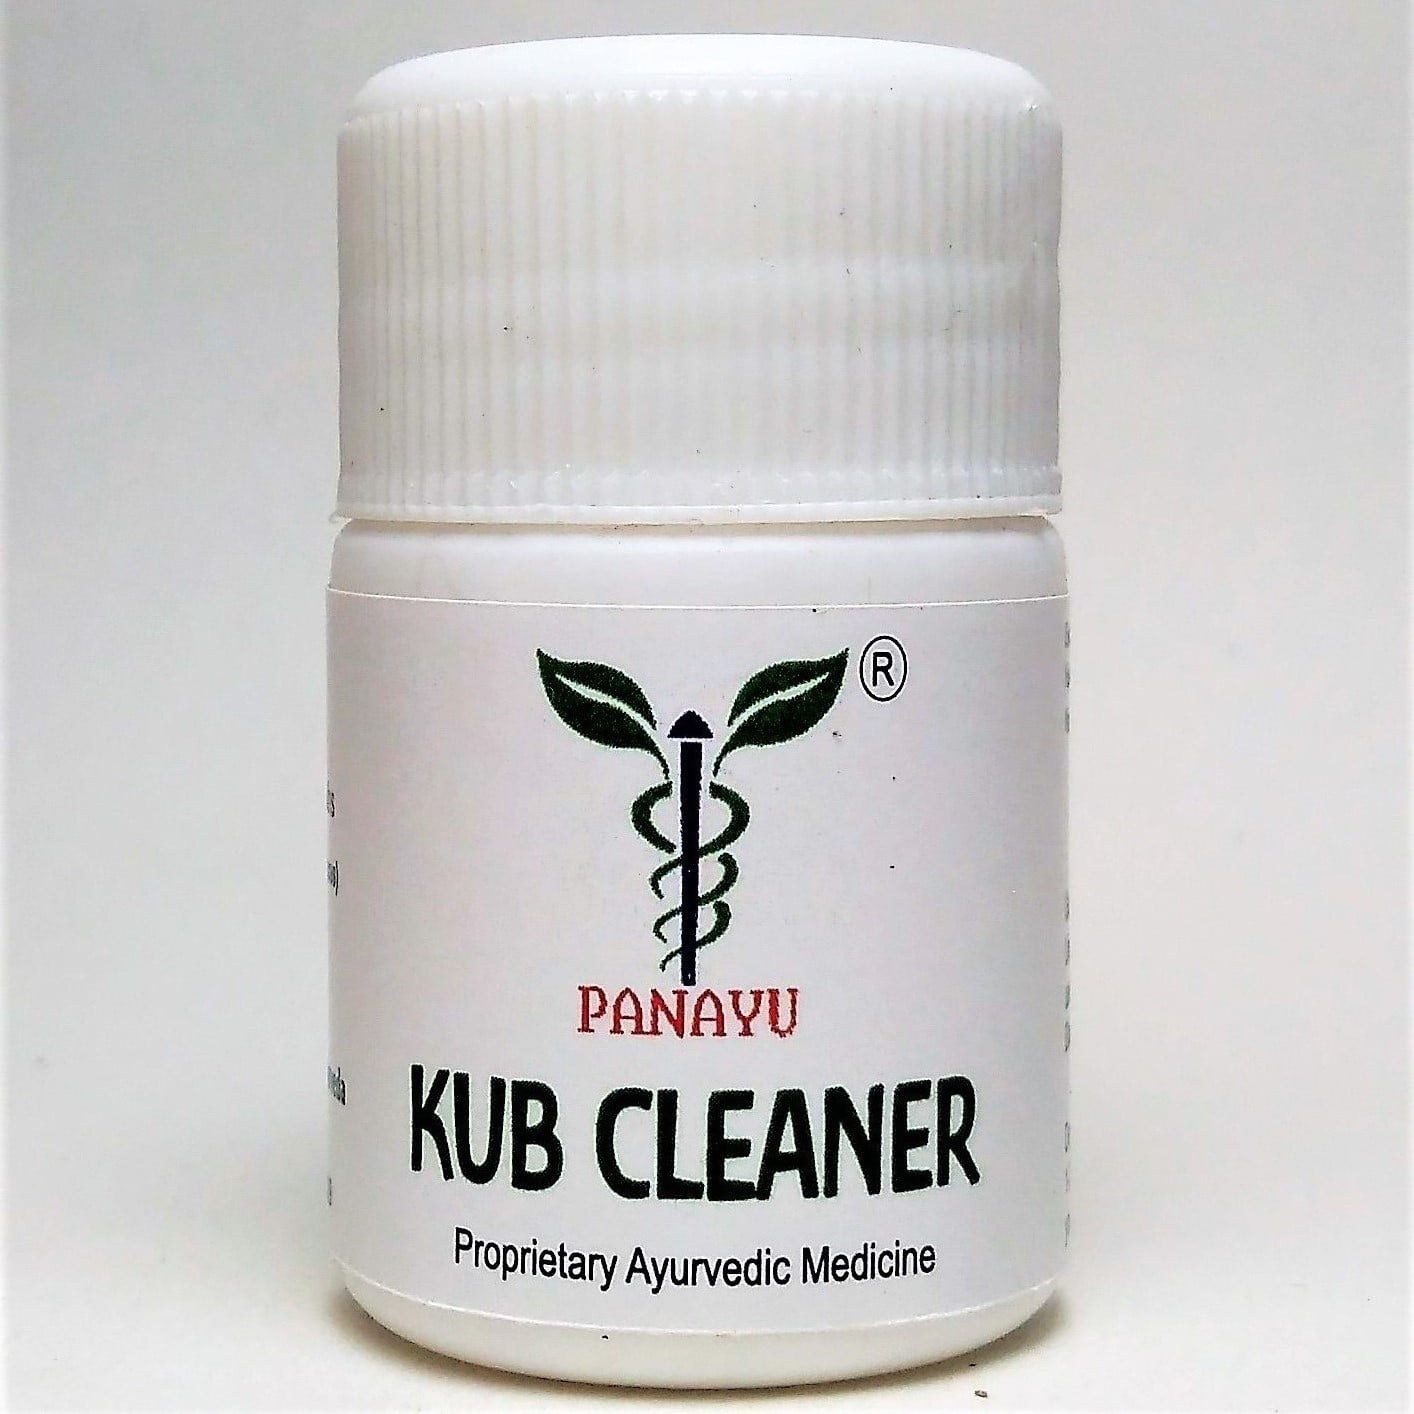 Panayu Kub Cleaner 1